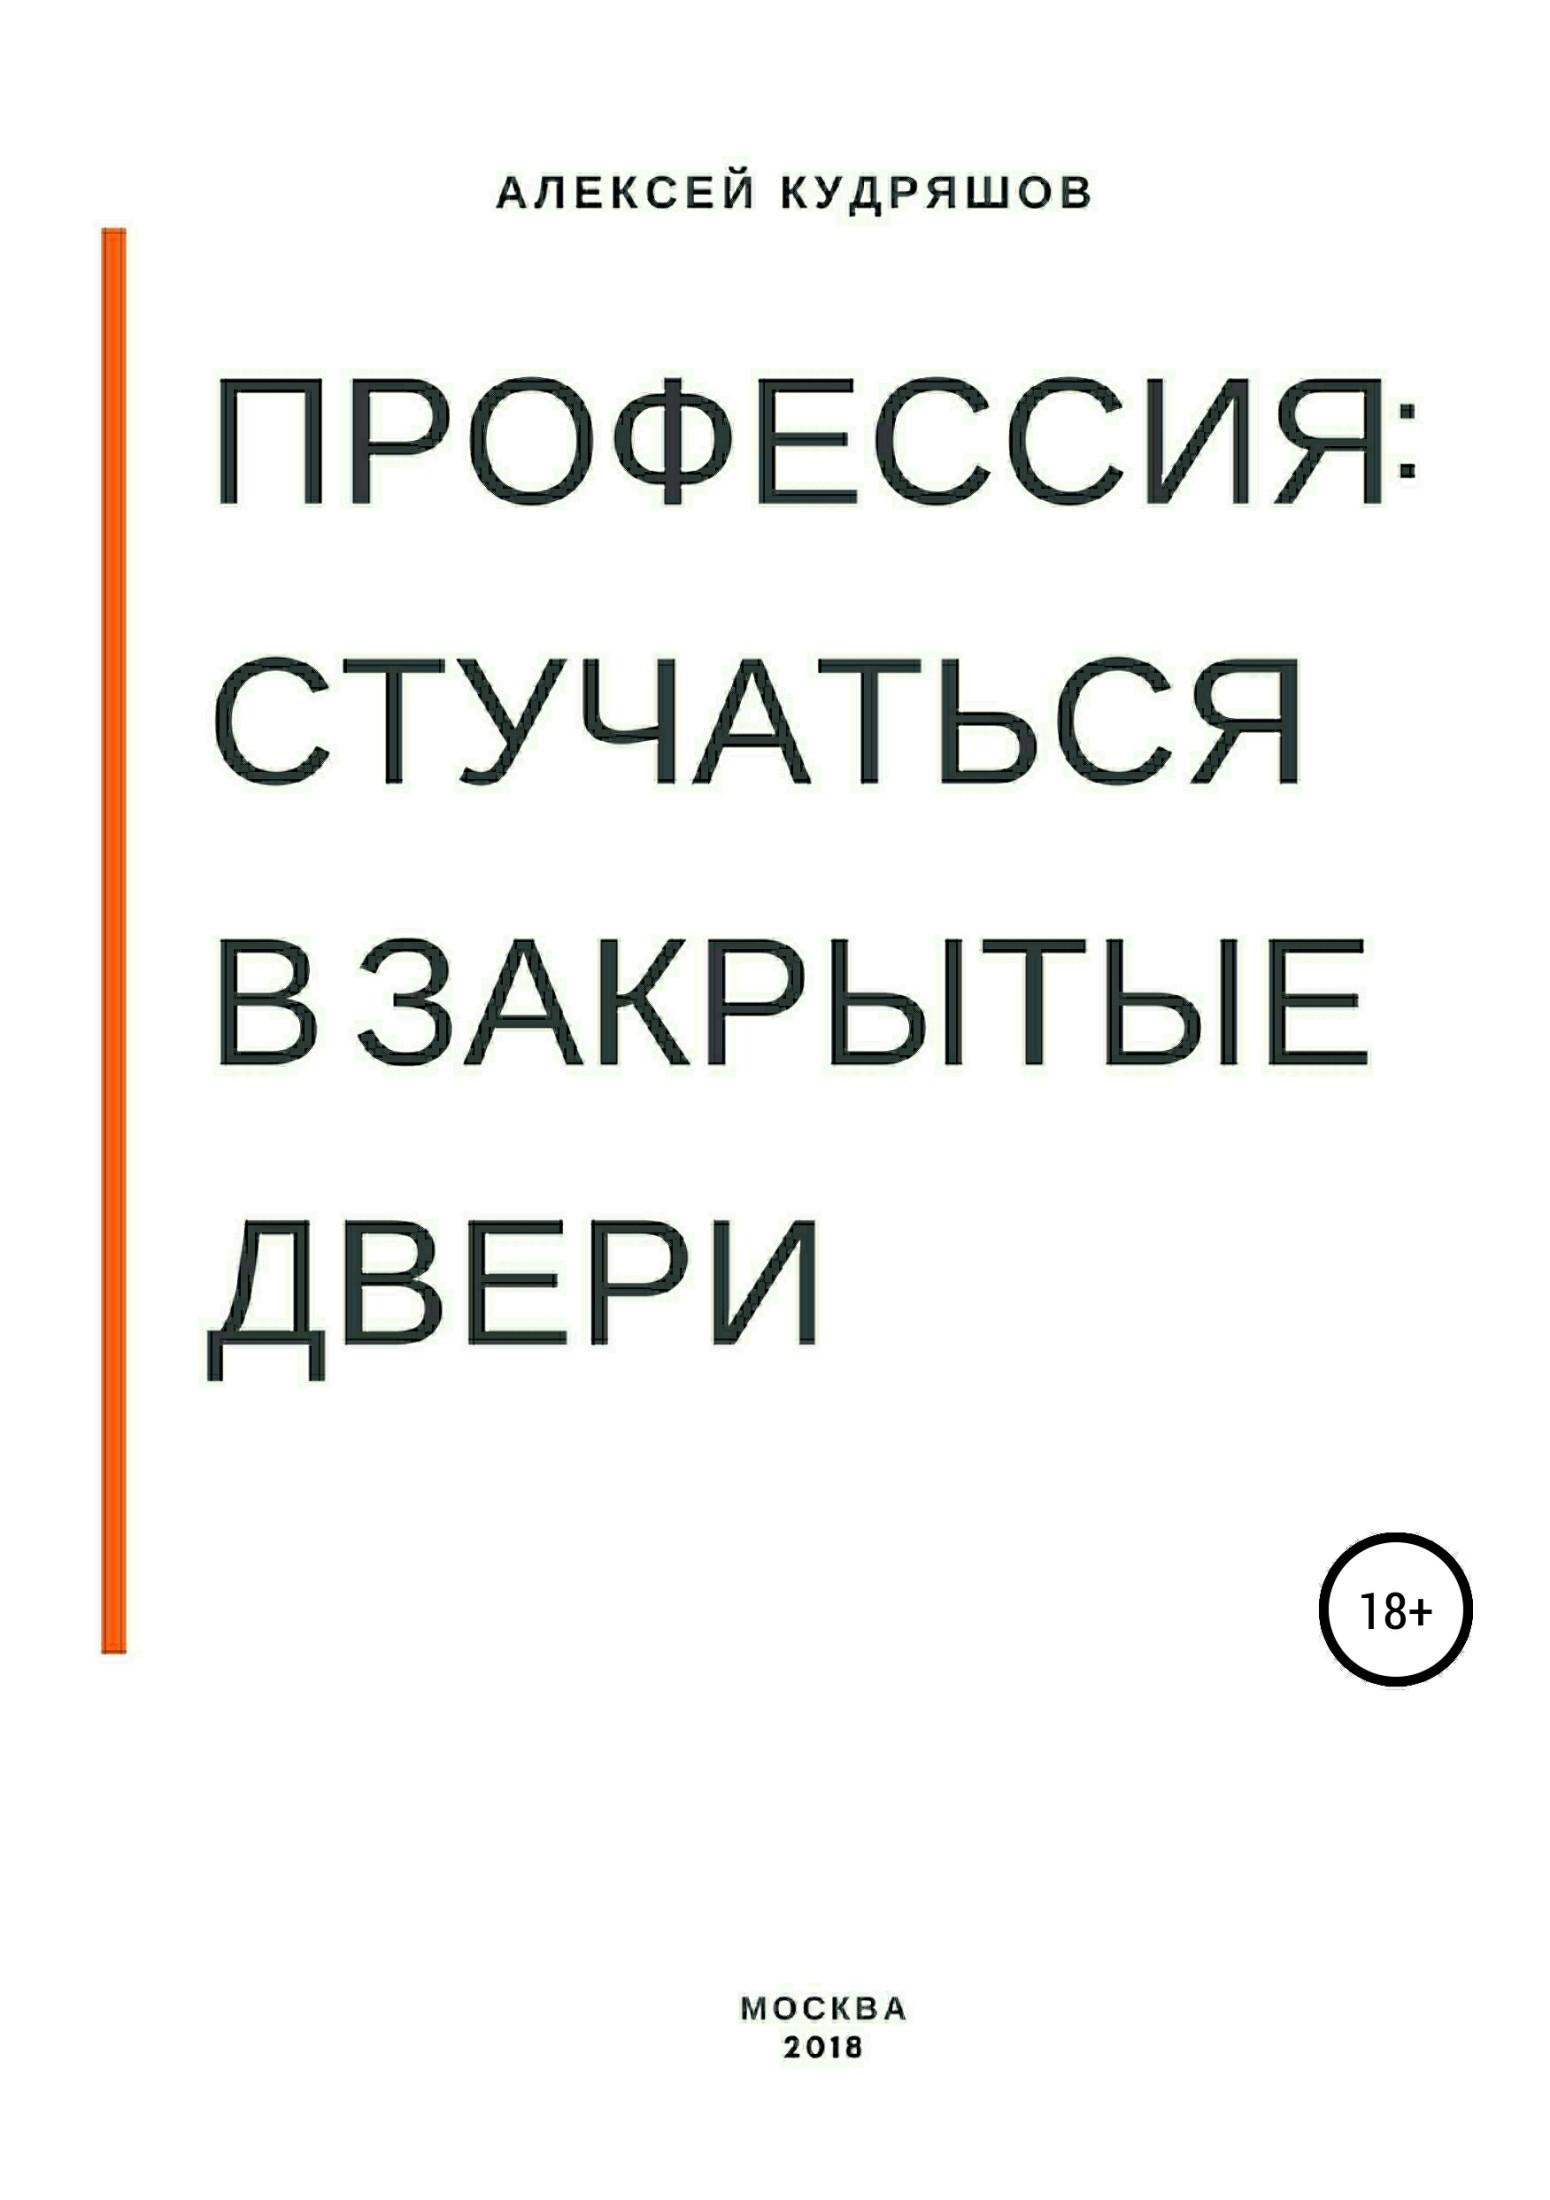 Обложка книги. Автор - Алексей Кудряшов